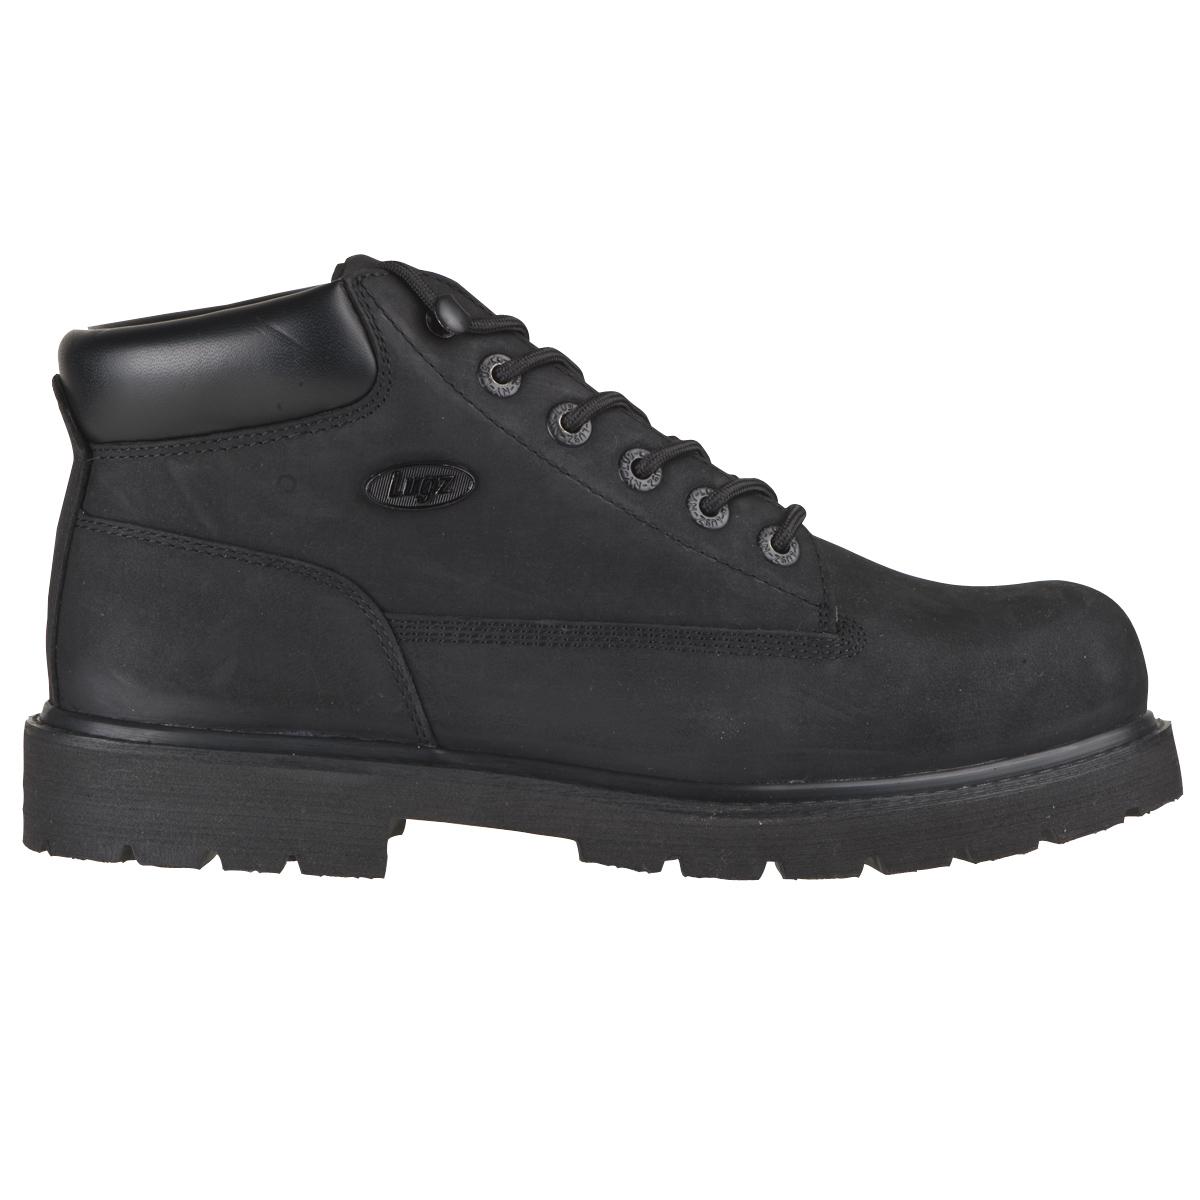 Lugz Drifter Mens Boot Black/black | Gigajam